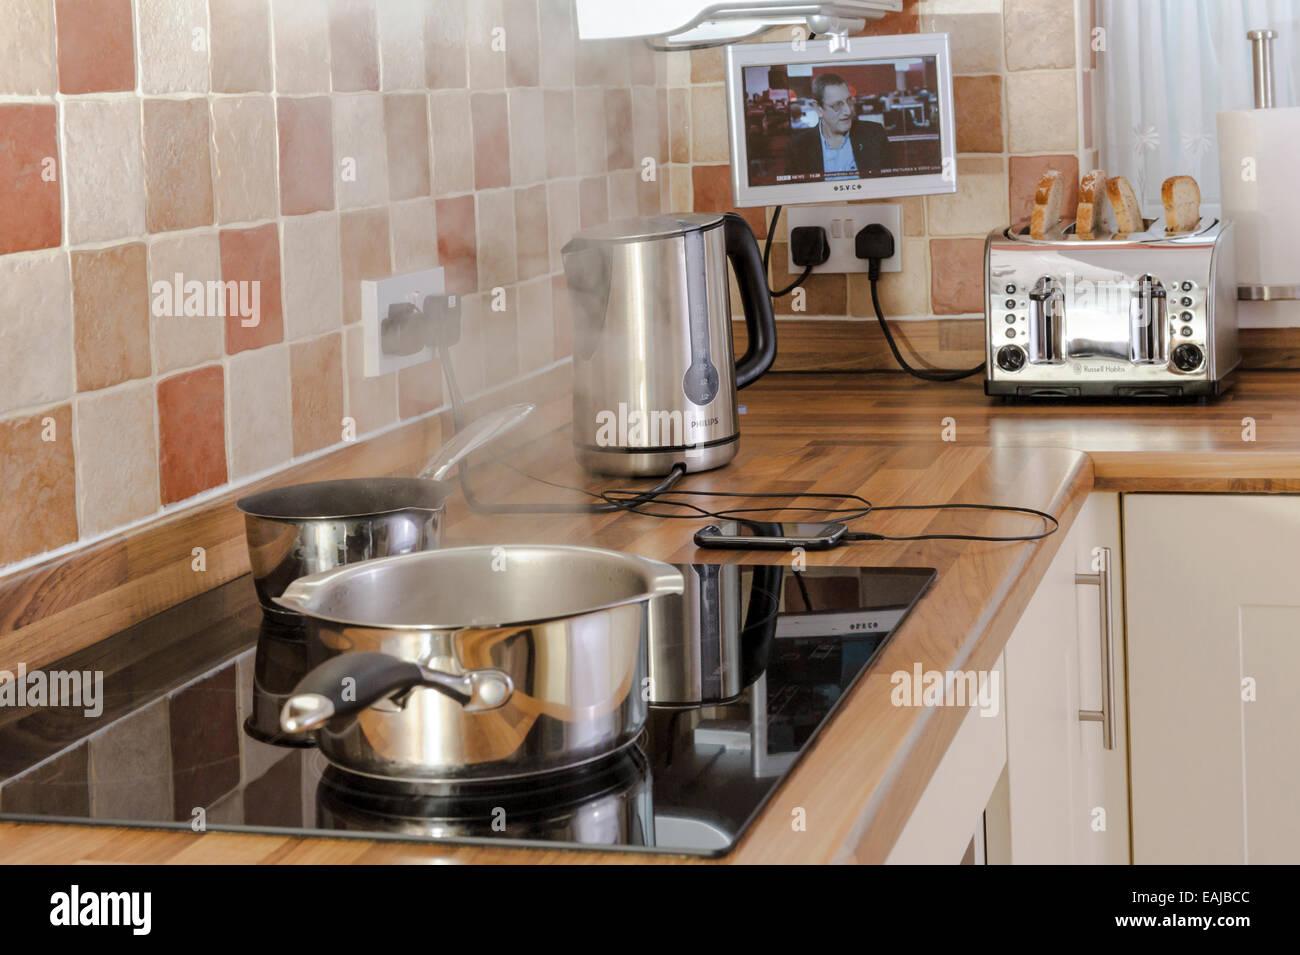 Muchos aparatos utilizados en una cocina moderna.Fuerte consumo eléctrico. Imagen De Stock